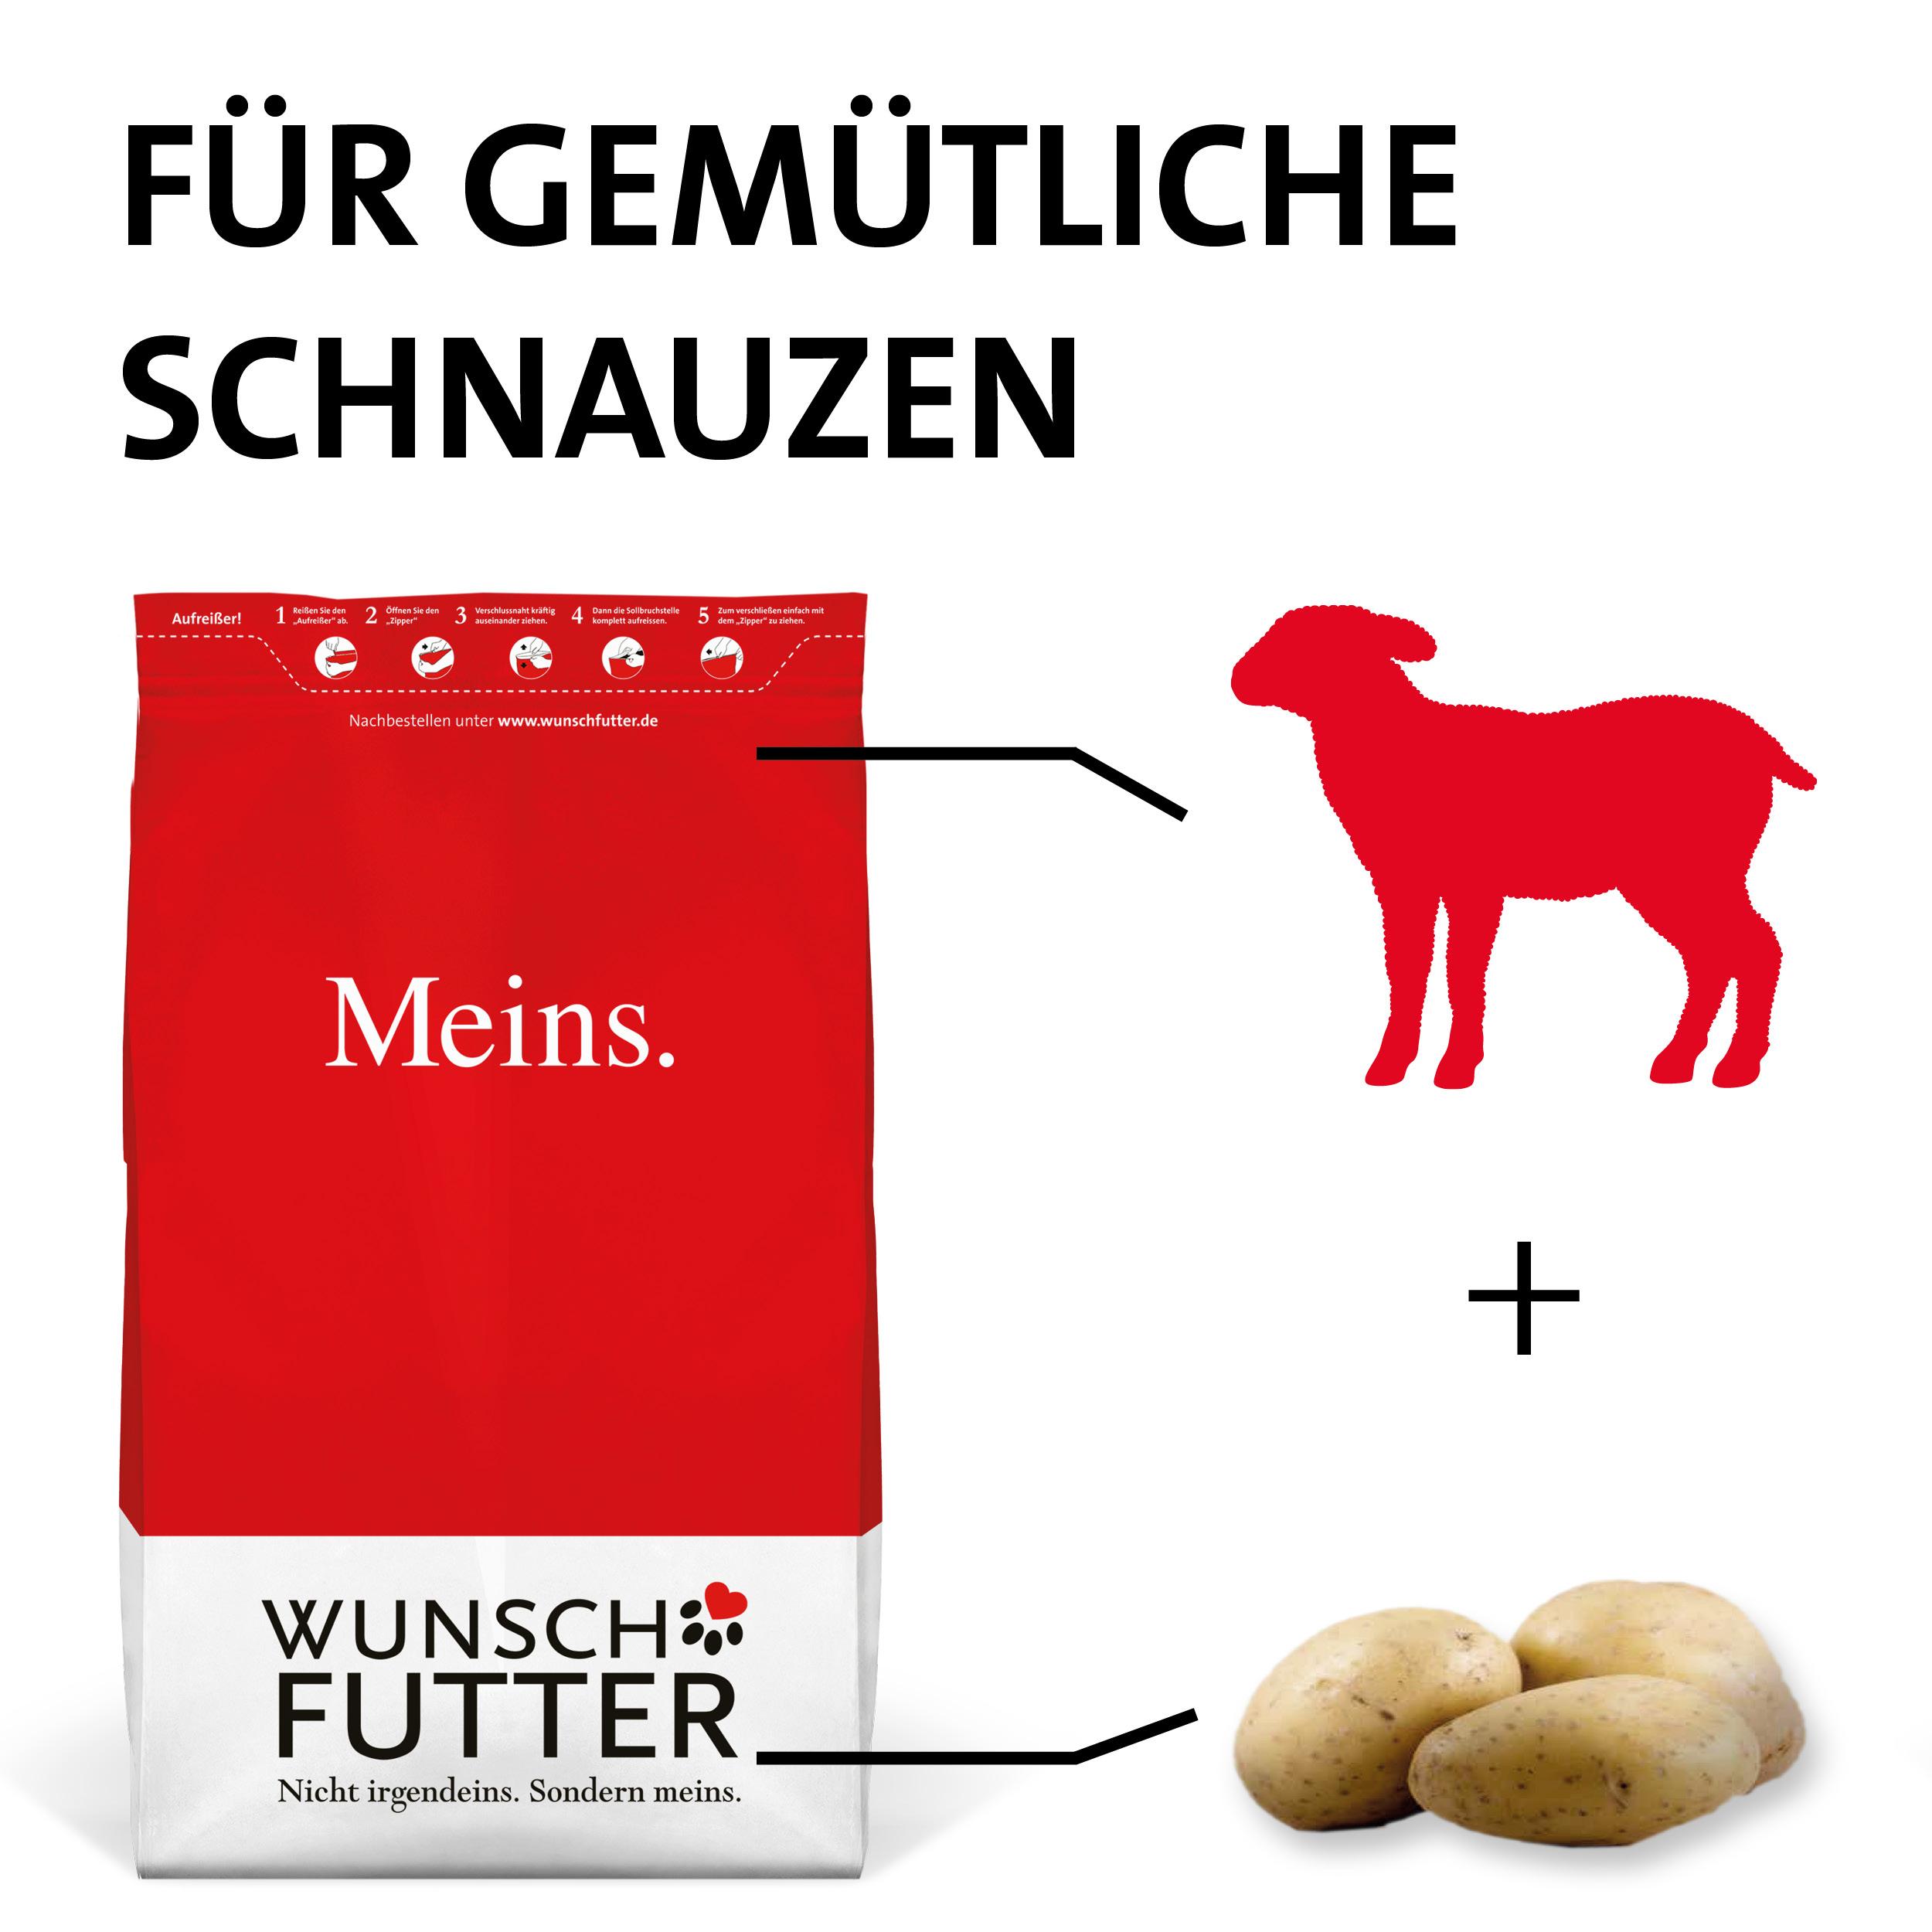 LAMM + KARTOFFEL GEMÜTLICH